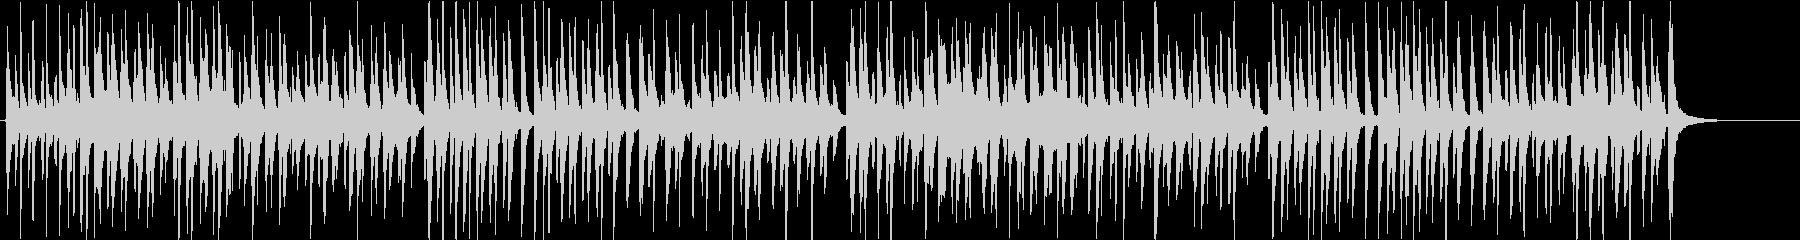 三線をメインとした楽しい沖縄音楽の未再生の波形